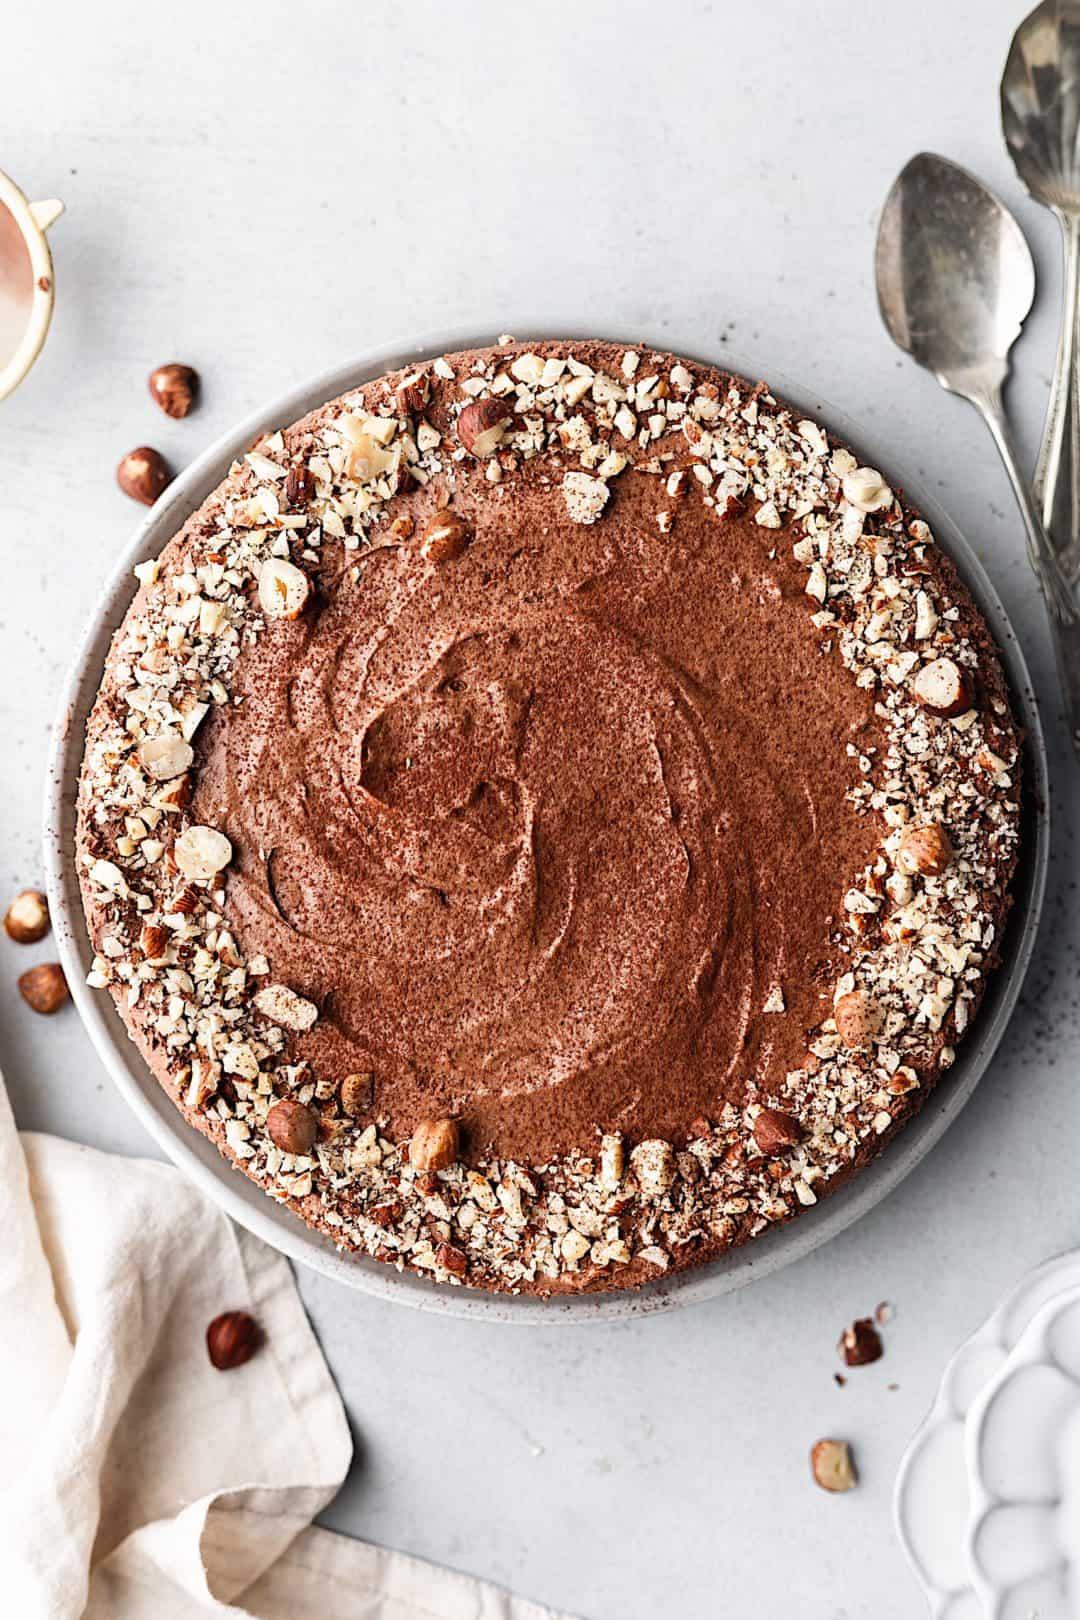 Vegan No Bake Chocolate and Hazelnut Cheesecake #recipe #vegan #cake